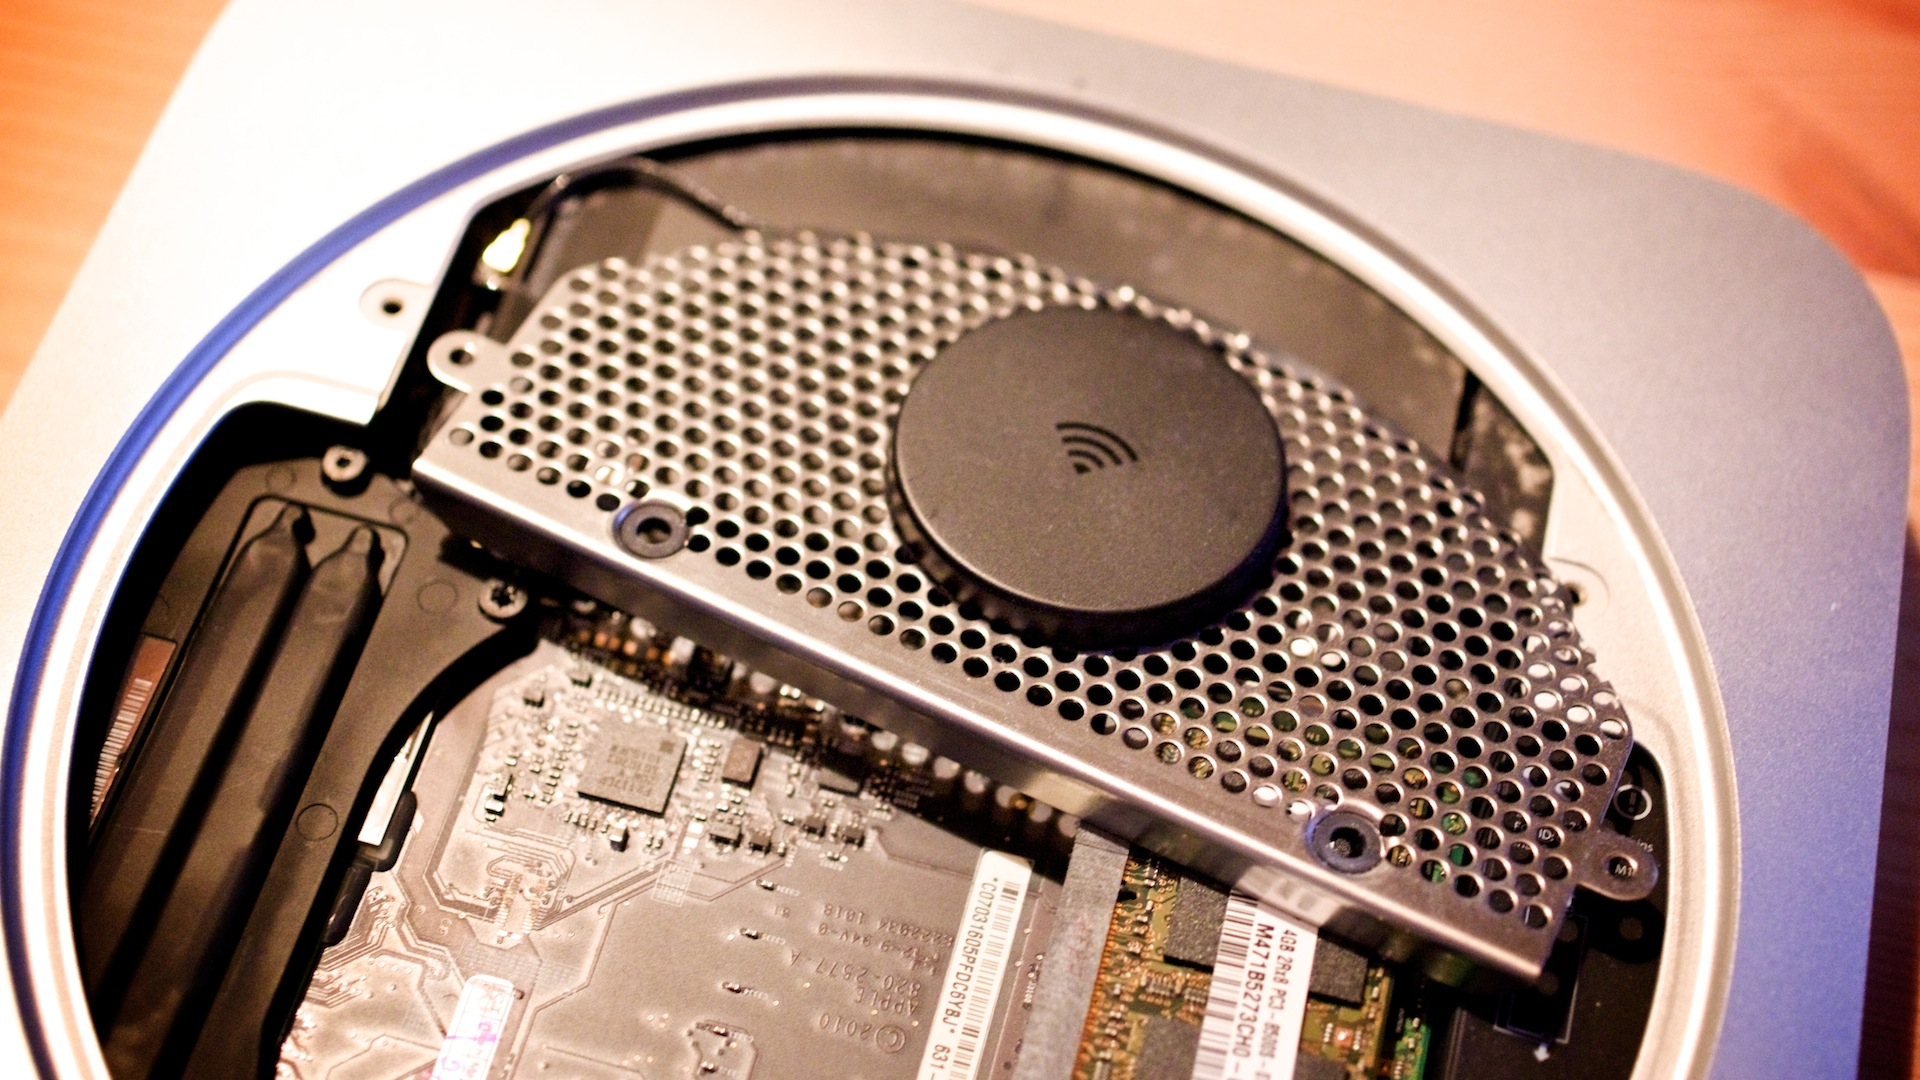 Plextor M5S SSD in Macmini2010 1138